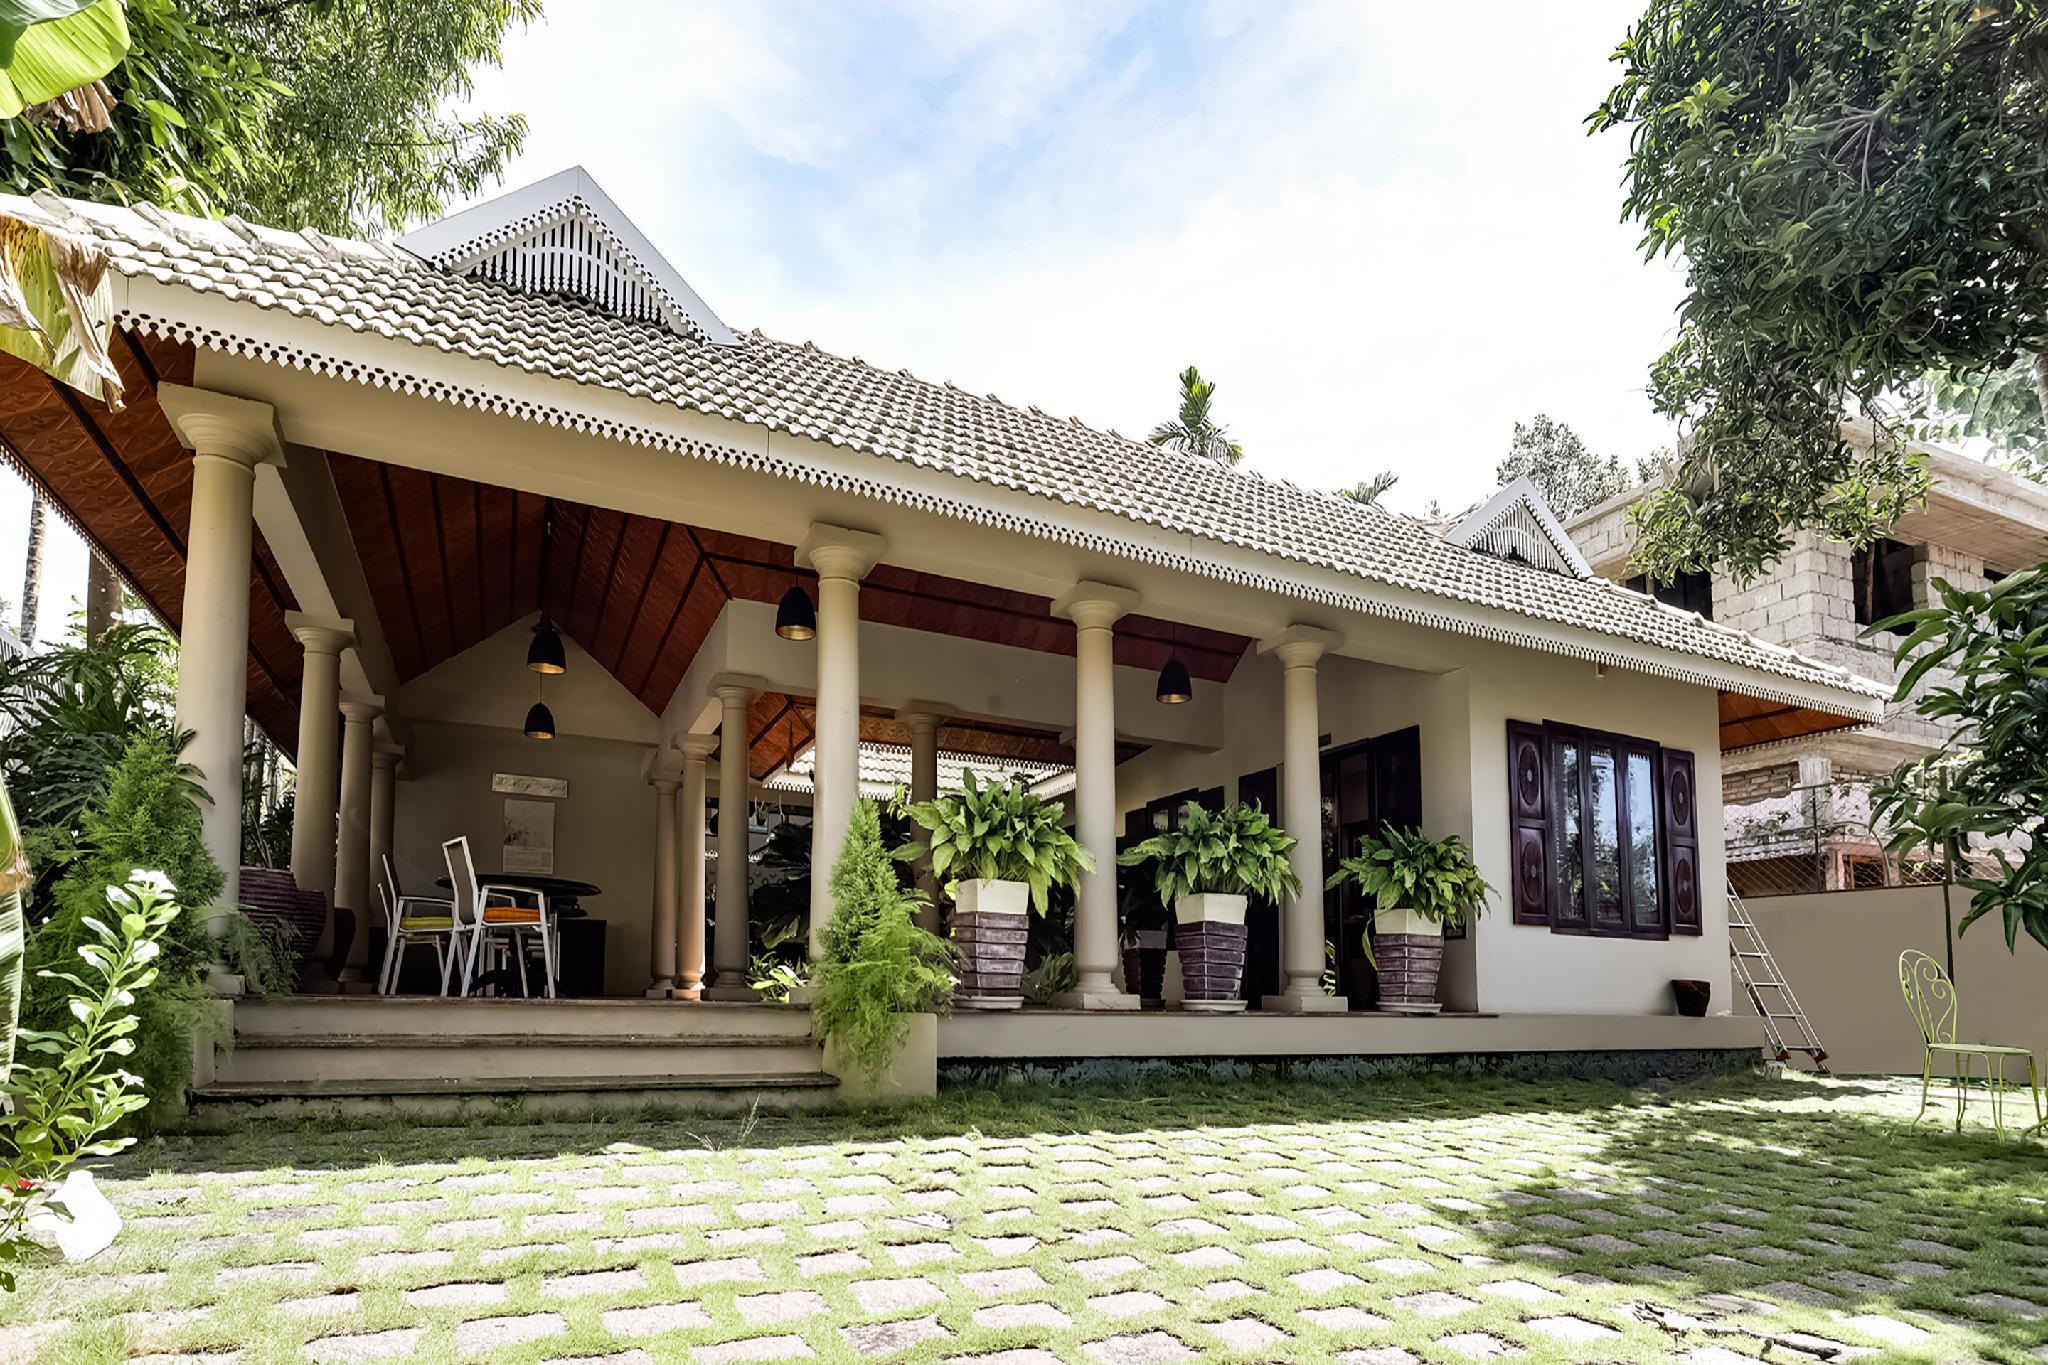 OYO 61923 The Mango Courtyard